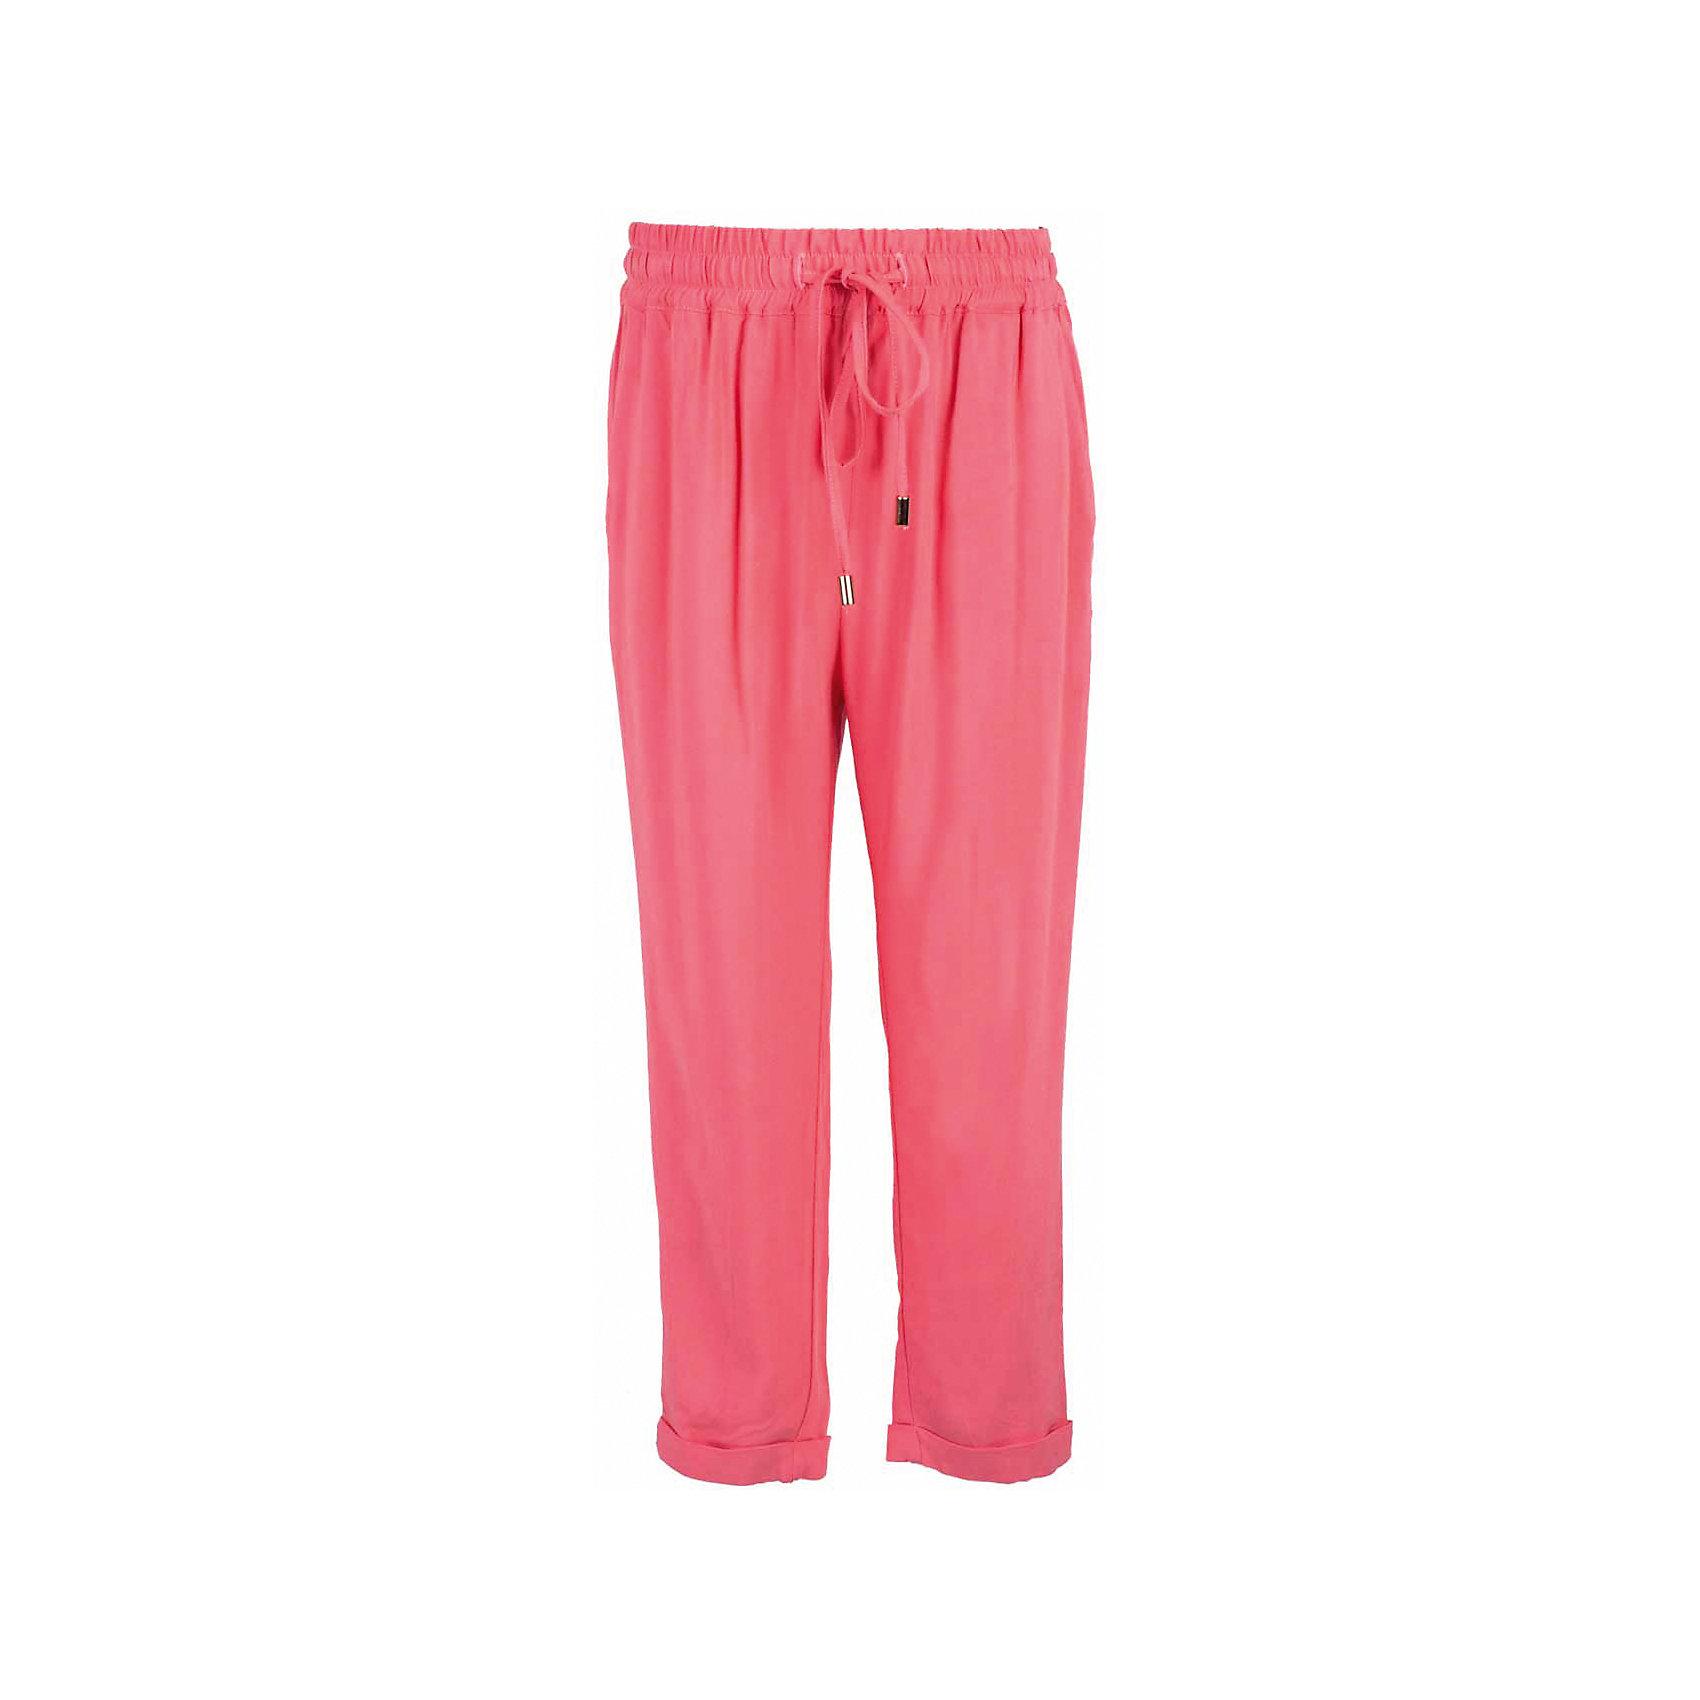 Брюки для девочки  BUTTON BLUEБрюки<br>Брюки для девочки  BUTTON BLUE<br>Тонкие свободные брюки - залог стильного и комфортного образа для каждого дня жаркого лета. Отличные брюки по доступной цене гарантируют прекрасный внешний вид, удобство и свободу движений. В компании с любой майкой, футболкой, топом брюки составят достойный летний комплект. Если вы хотите купить недорогие детские брюки, не сомневаясь в их качестве, высоких потребительских свойствах и соответствии модным трендам, брюки от Button Blue - лучший вариант!<br>Состав:<br>100%  вискоза<br><br>Ширина мм: 215<br>Глубина мм: 88<br>Высота мм: 191<br>Вес г: 336<br>Цвет: коралловый<br>Возраст от месяцев: 120<br>Возраст до месяцев: 132<br>Пол: Женский<br>Возраст: Детский<br>Размер: 146,98,104,110,116,122,152,128,134,140,158<br>SKU: 5523658